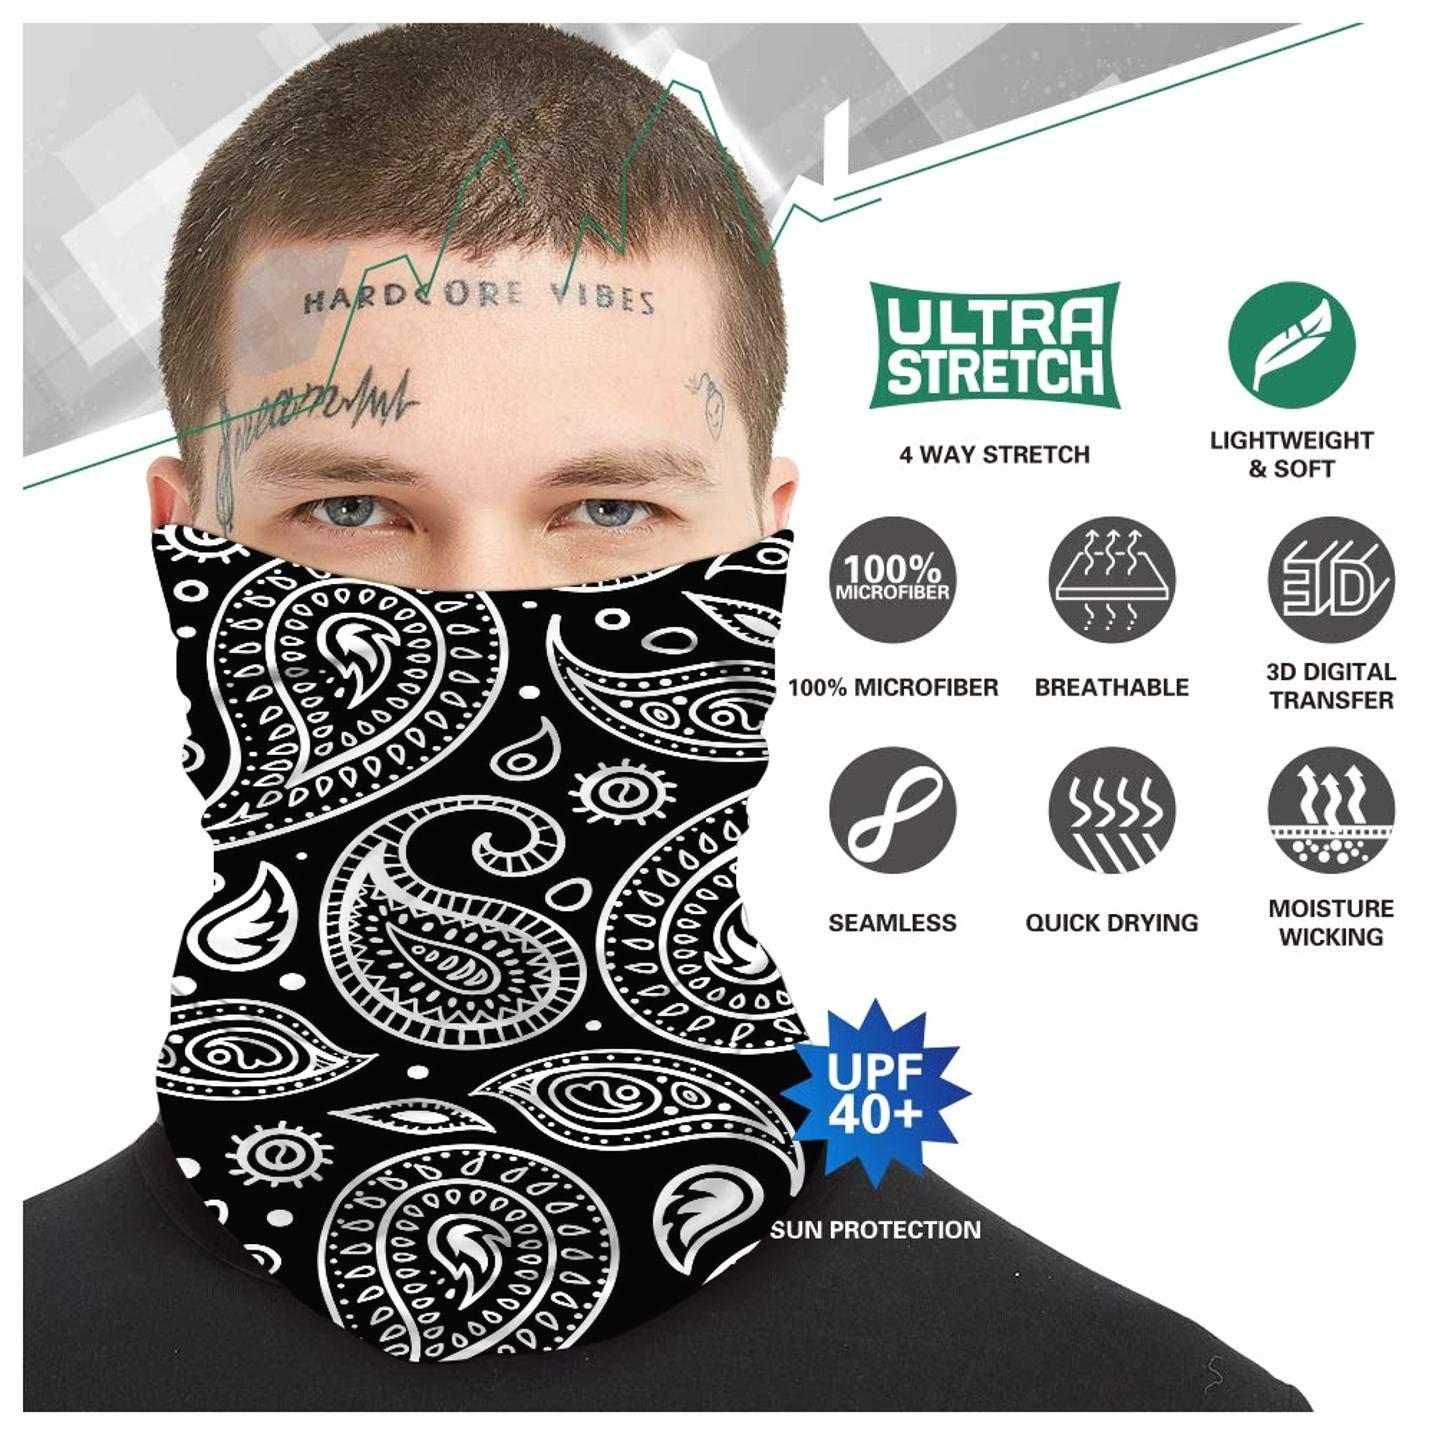 Fiween Deporte Headwear Tubo Diadema Bufanda de m/últiples Funciones del Calentador del Cuello el/ástico para el Yoga Senderismo Motociclismo